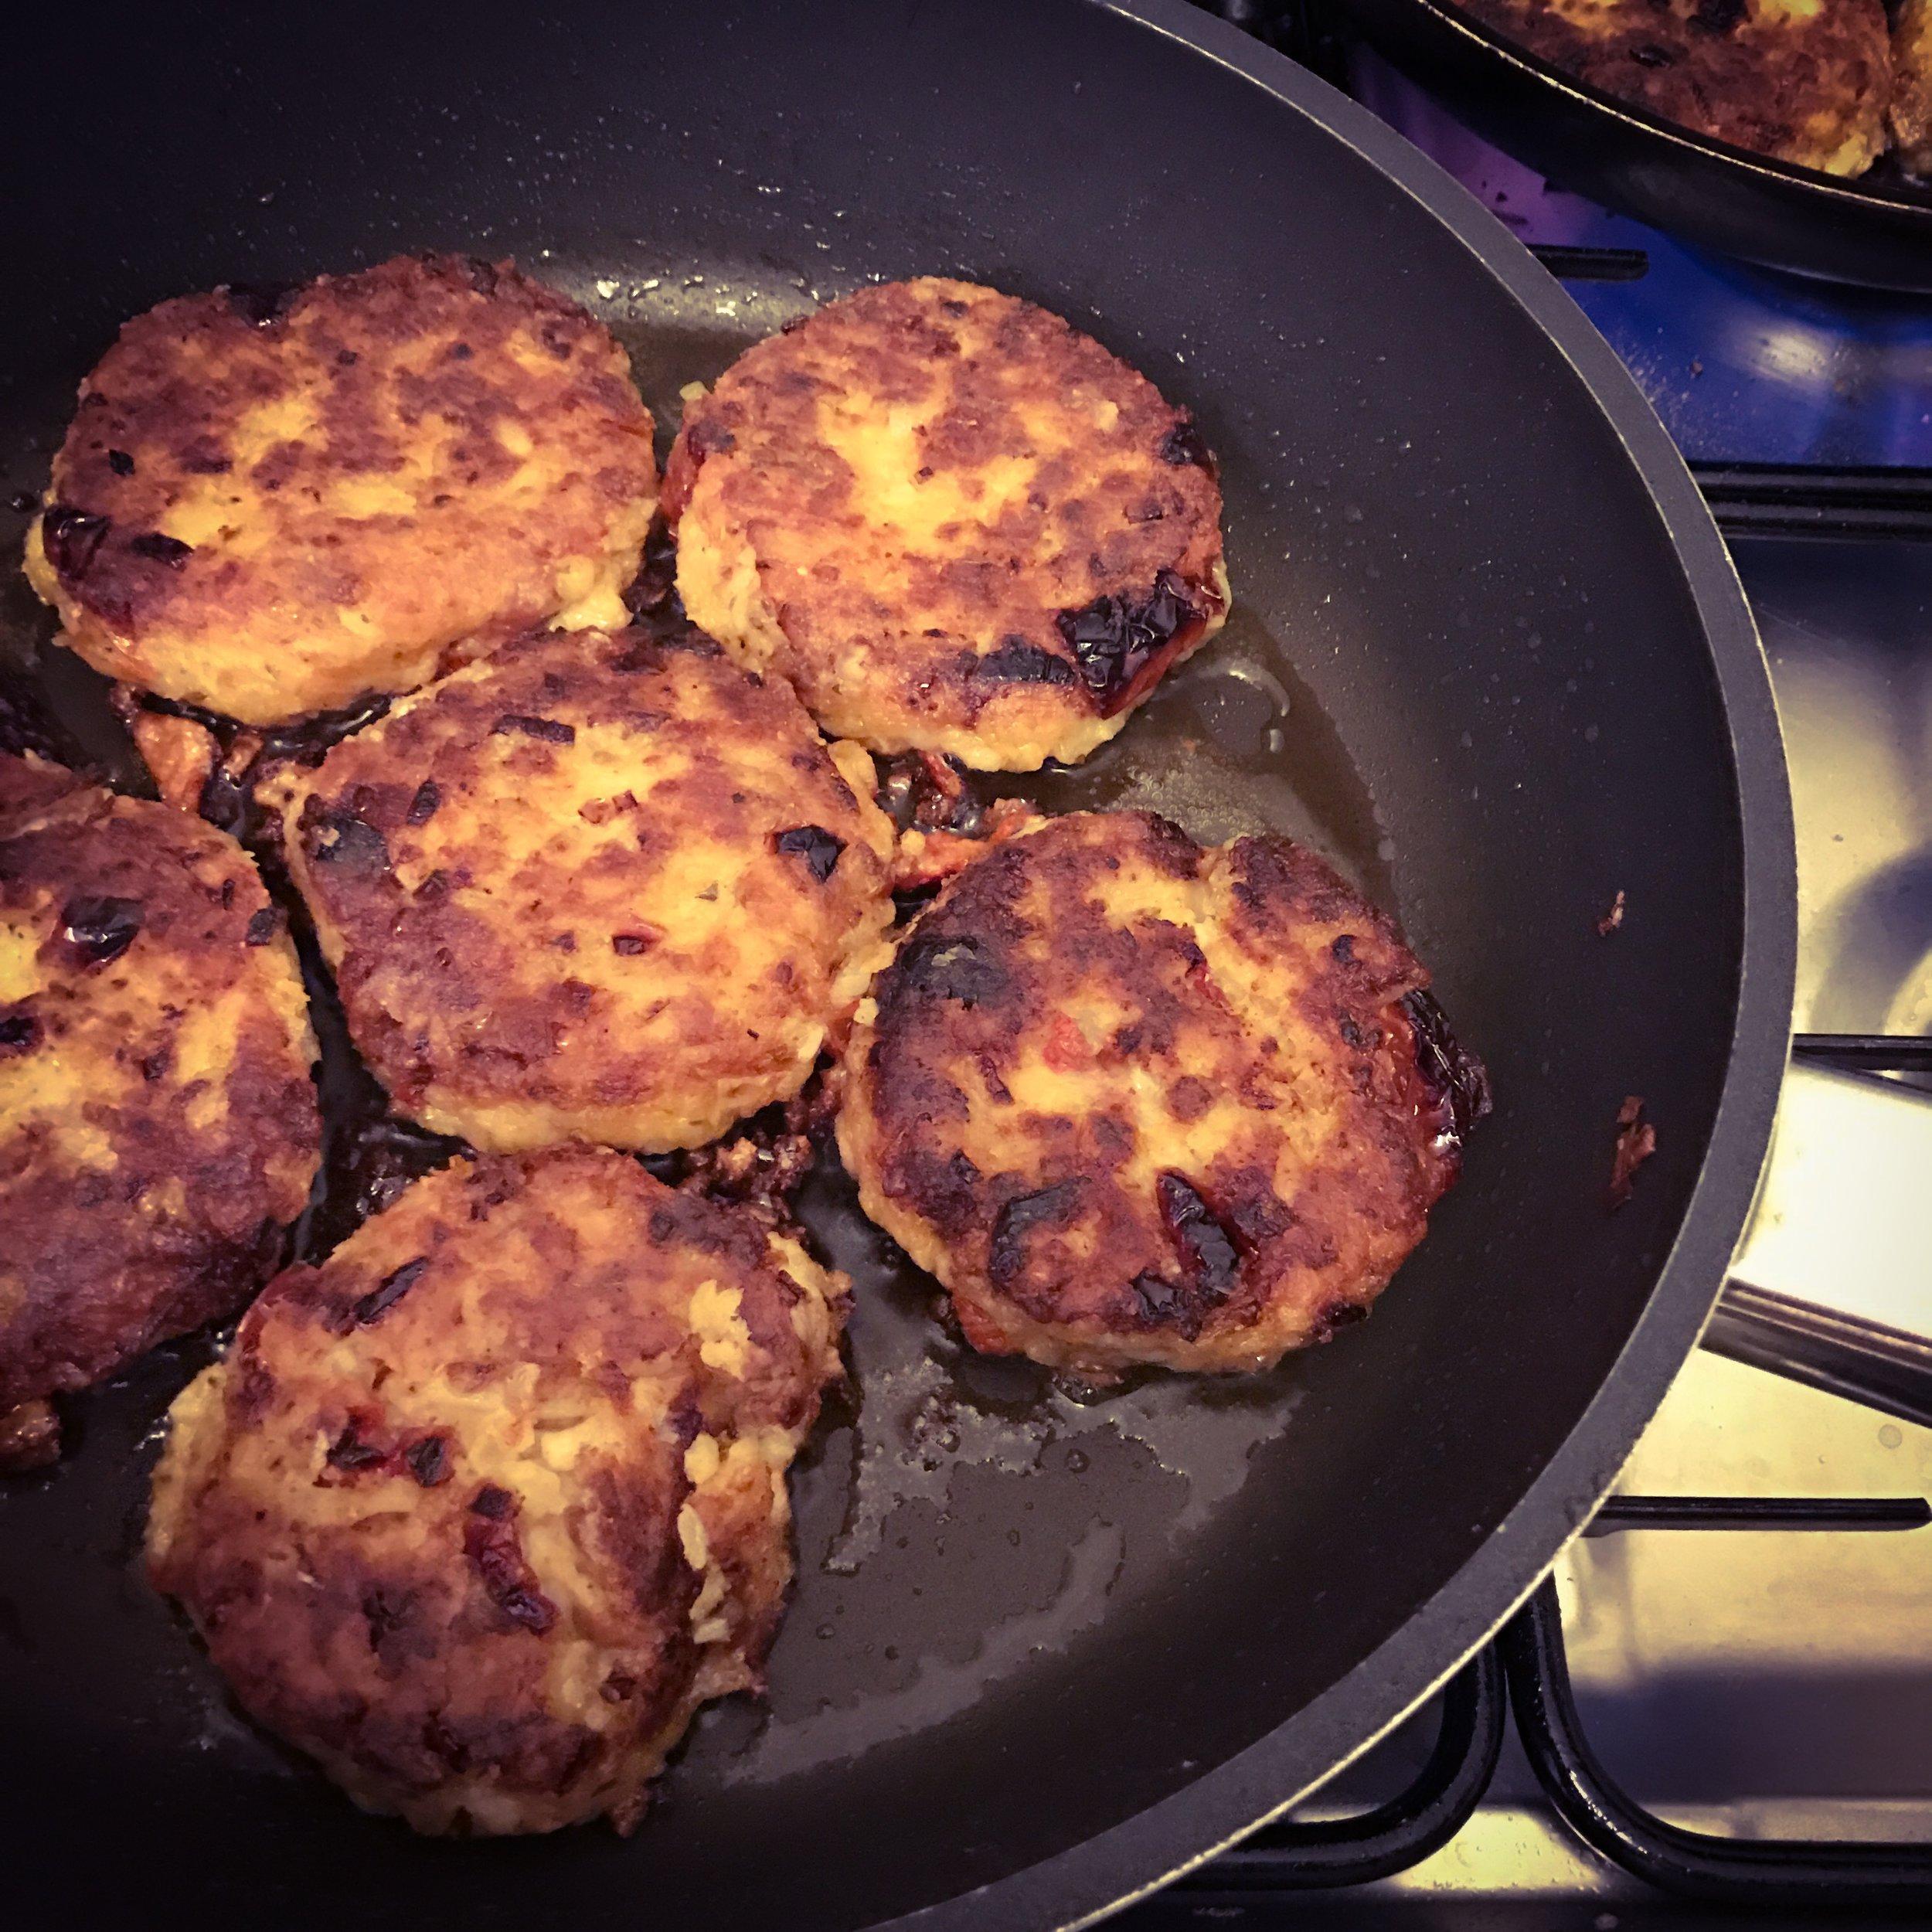 Bean burgers in the pan